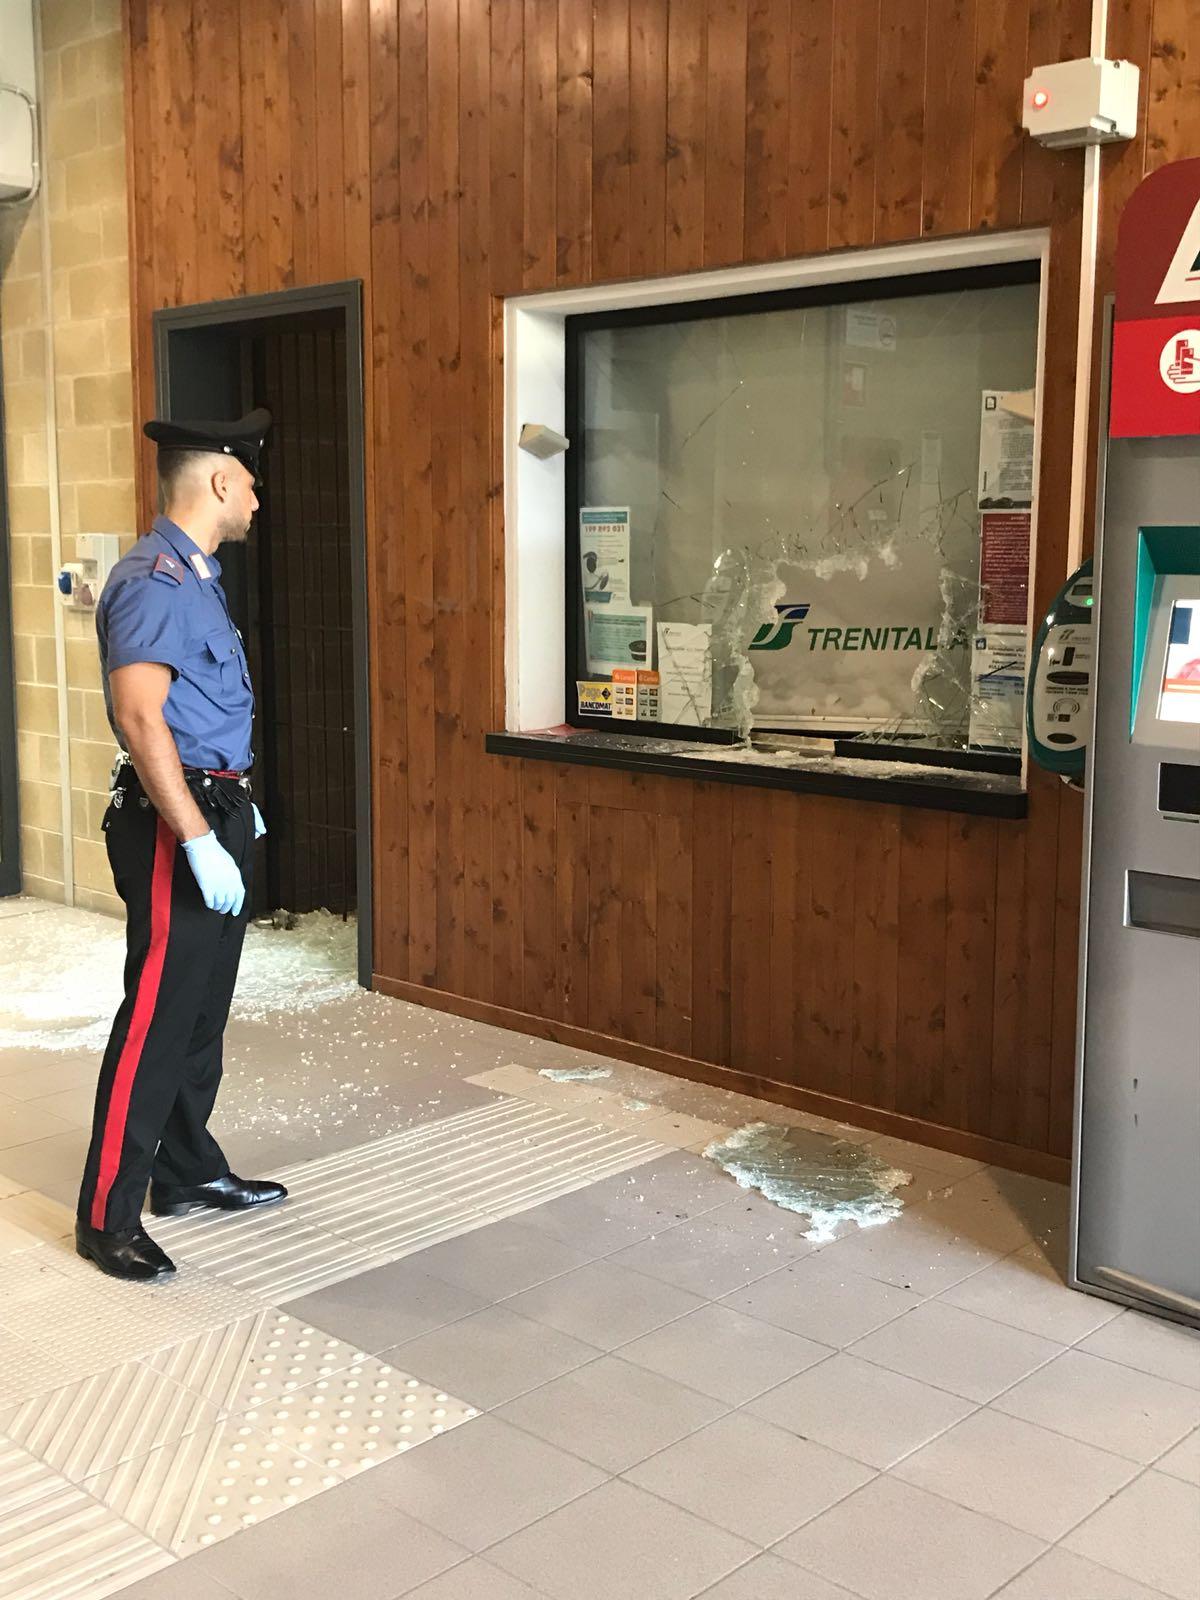 Vandali alla stazione, rotta la vetrata della biglietteria